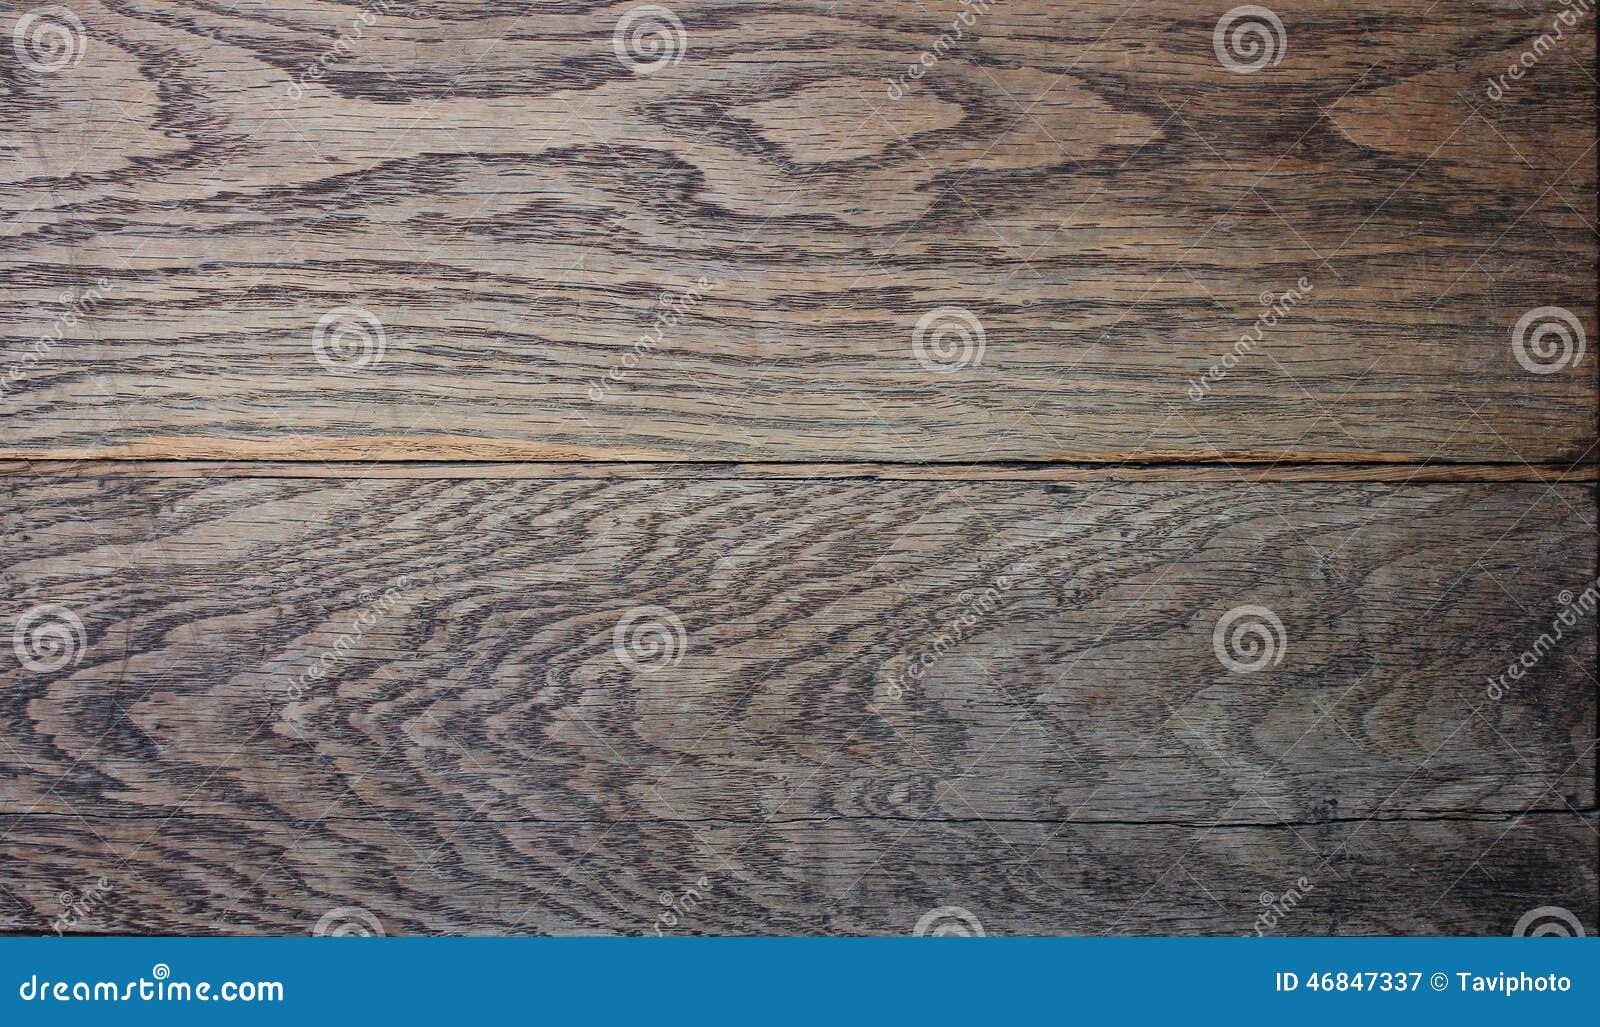 Mooie geweven eiken plank stock afbeelding afbeelding bestaande